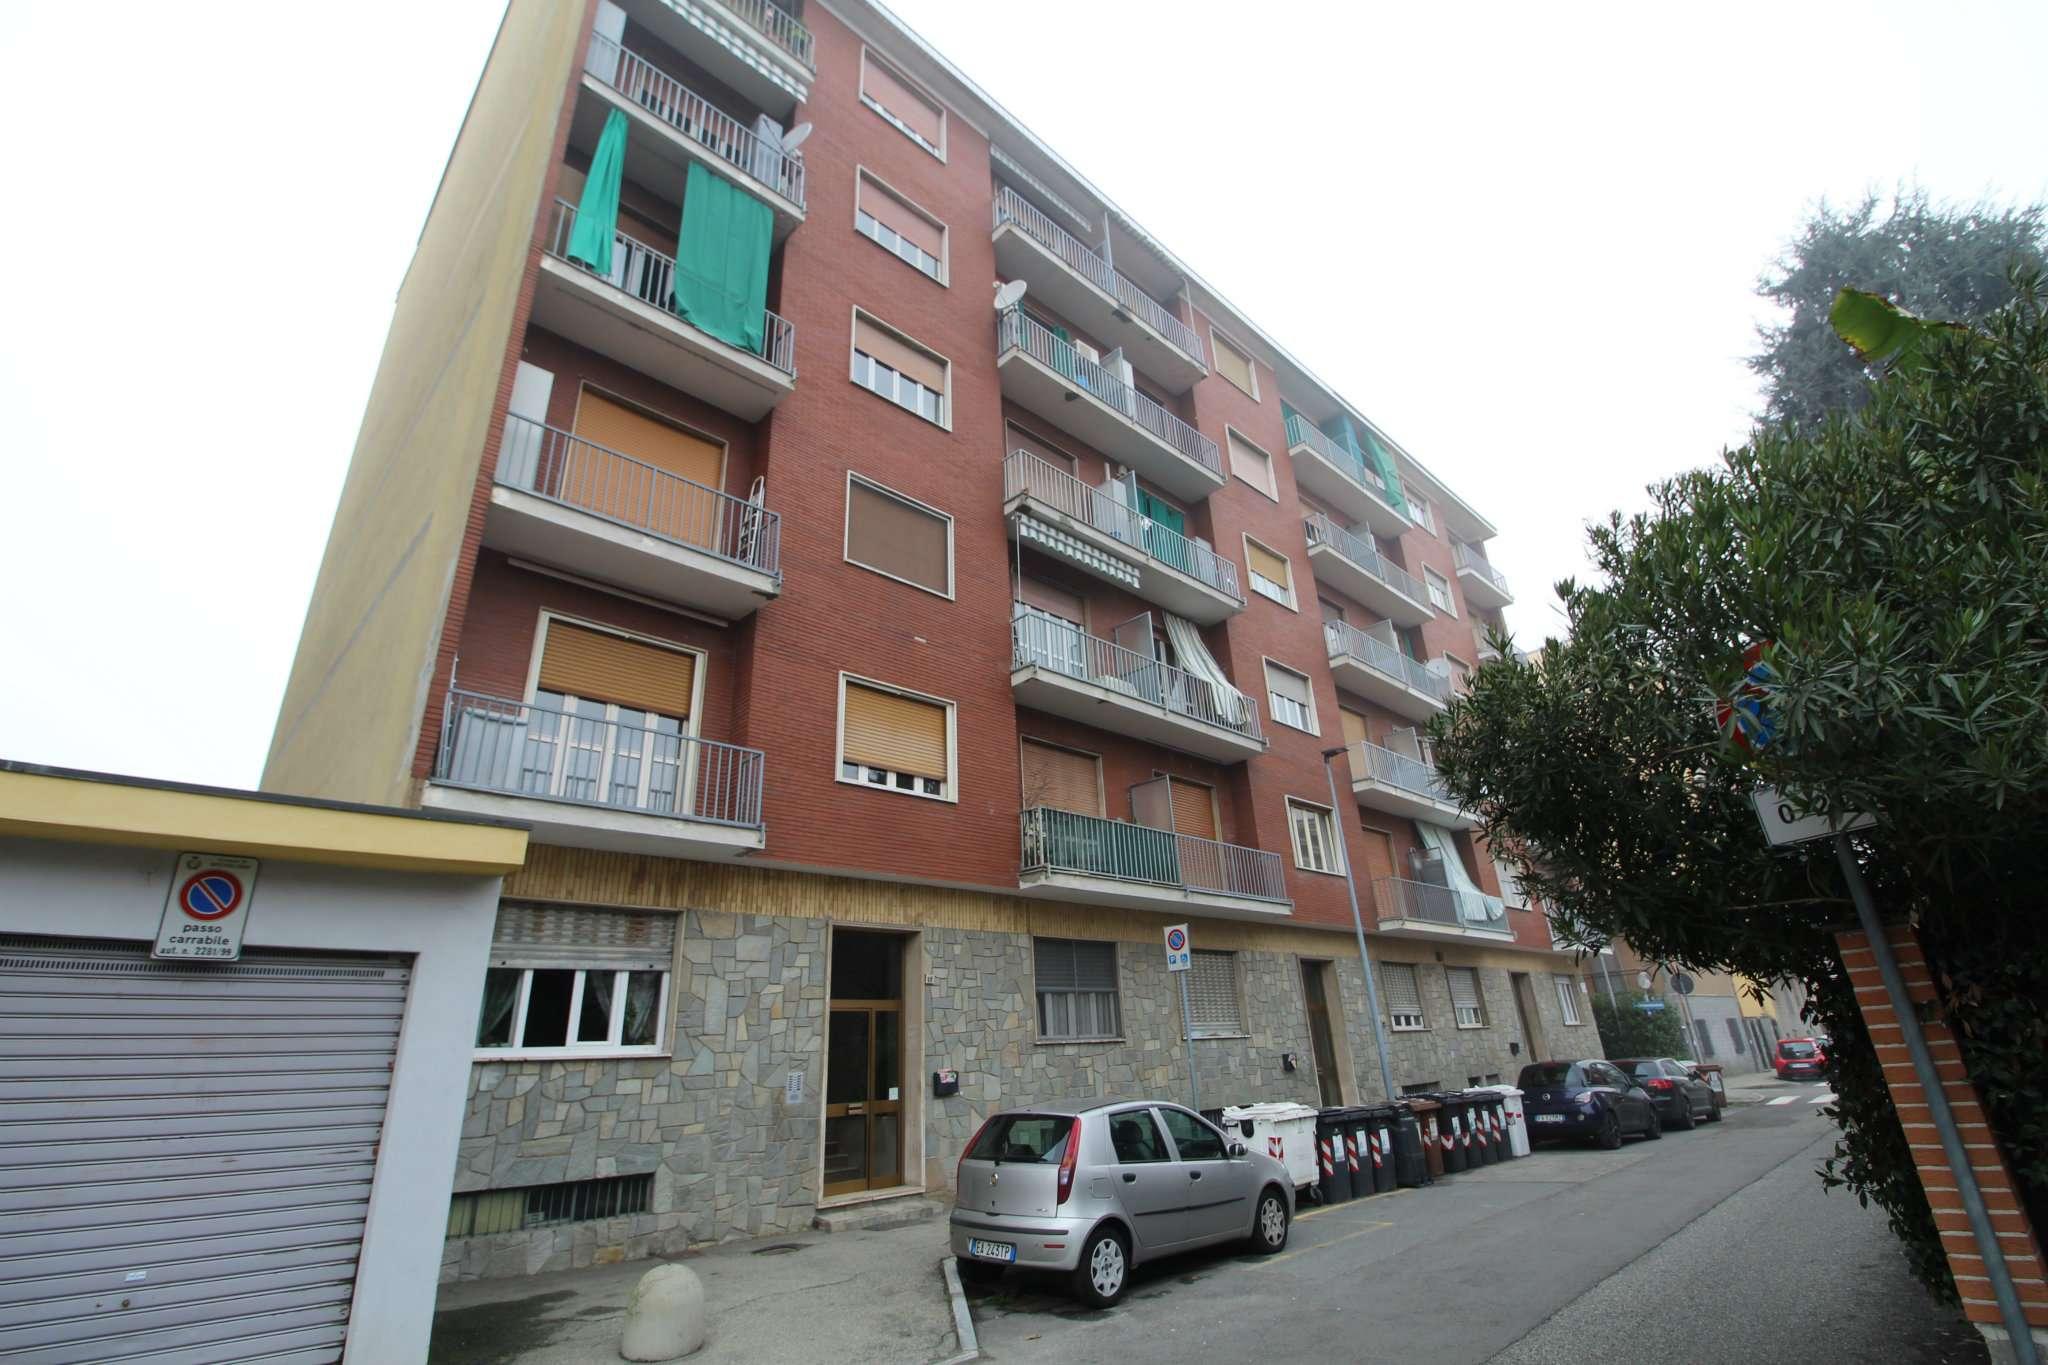 Appartamento in vendita a Nichelino, 2 locali, prezzo € 73.000 | CambioCasa.it